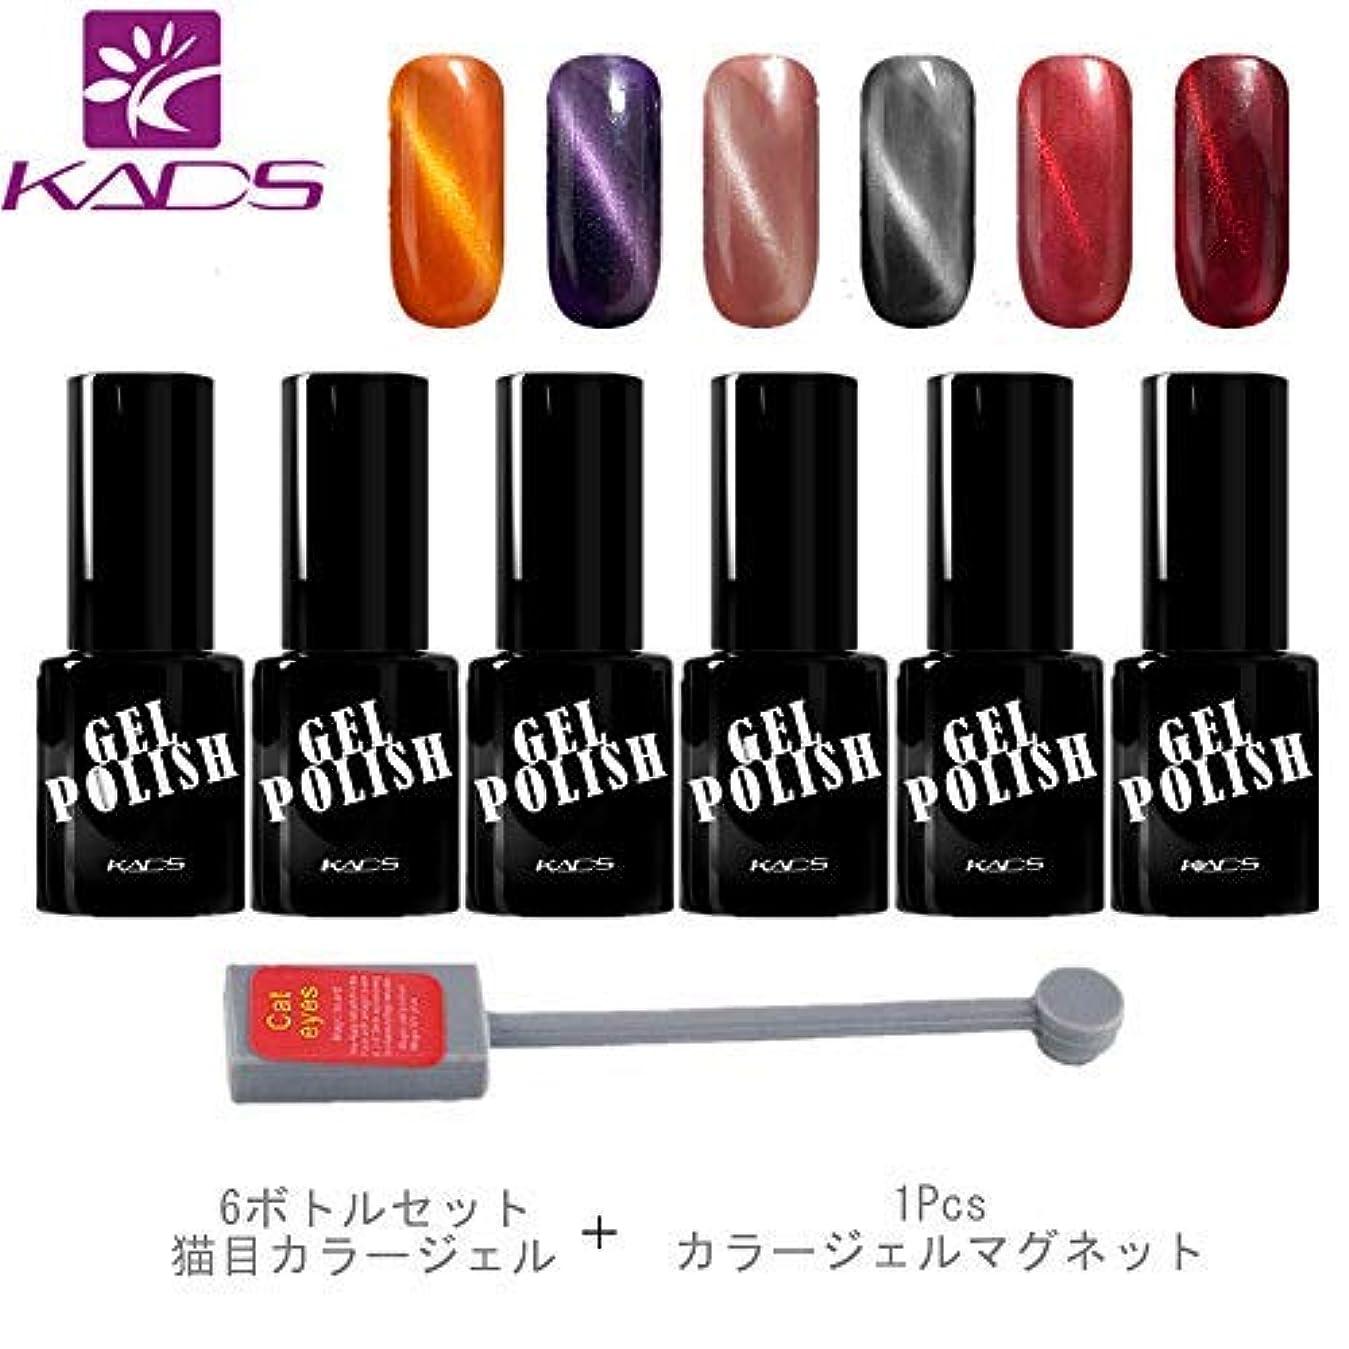 定義かなりの代名詞KADS キャッツアイジェル ジェルネイルカラーポリッシュ 6色セット 猫目 UV/LED対応 マグネット 磁石付き マニキュアセット (セット6)